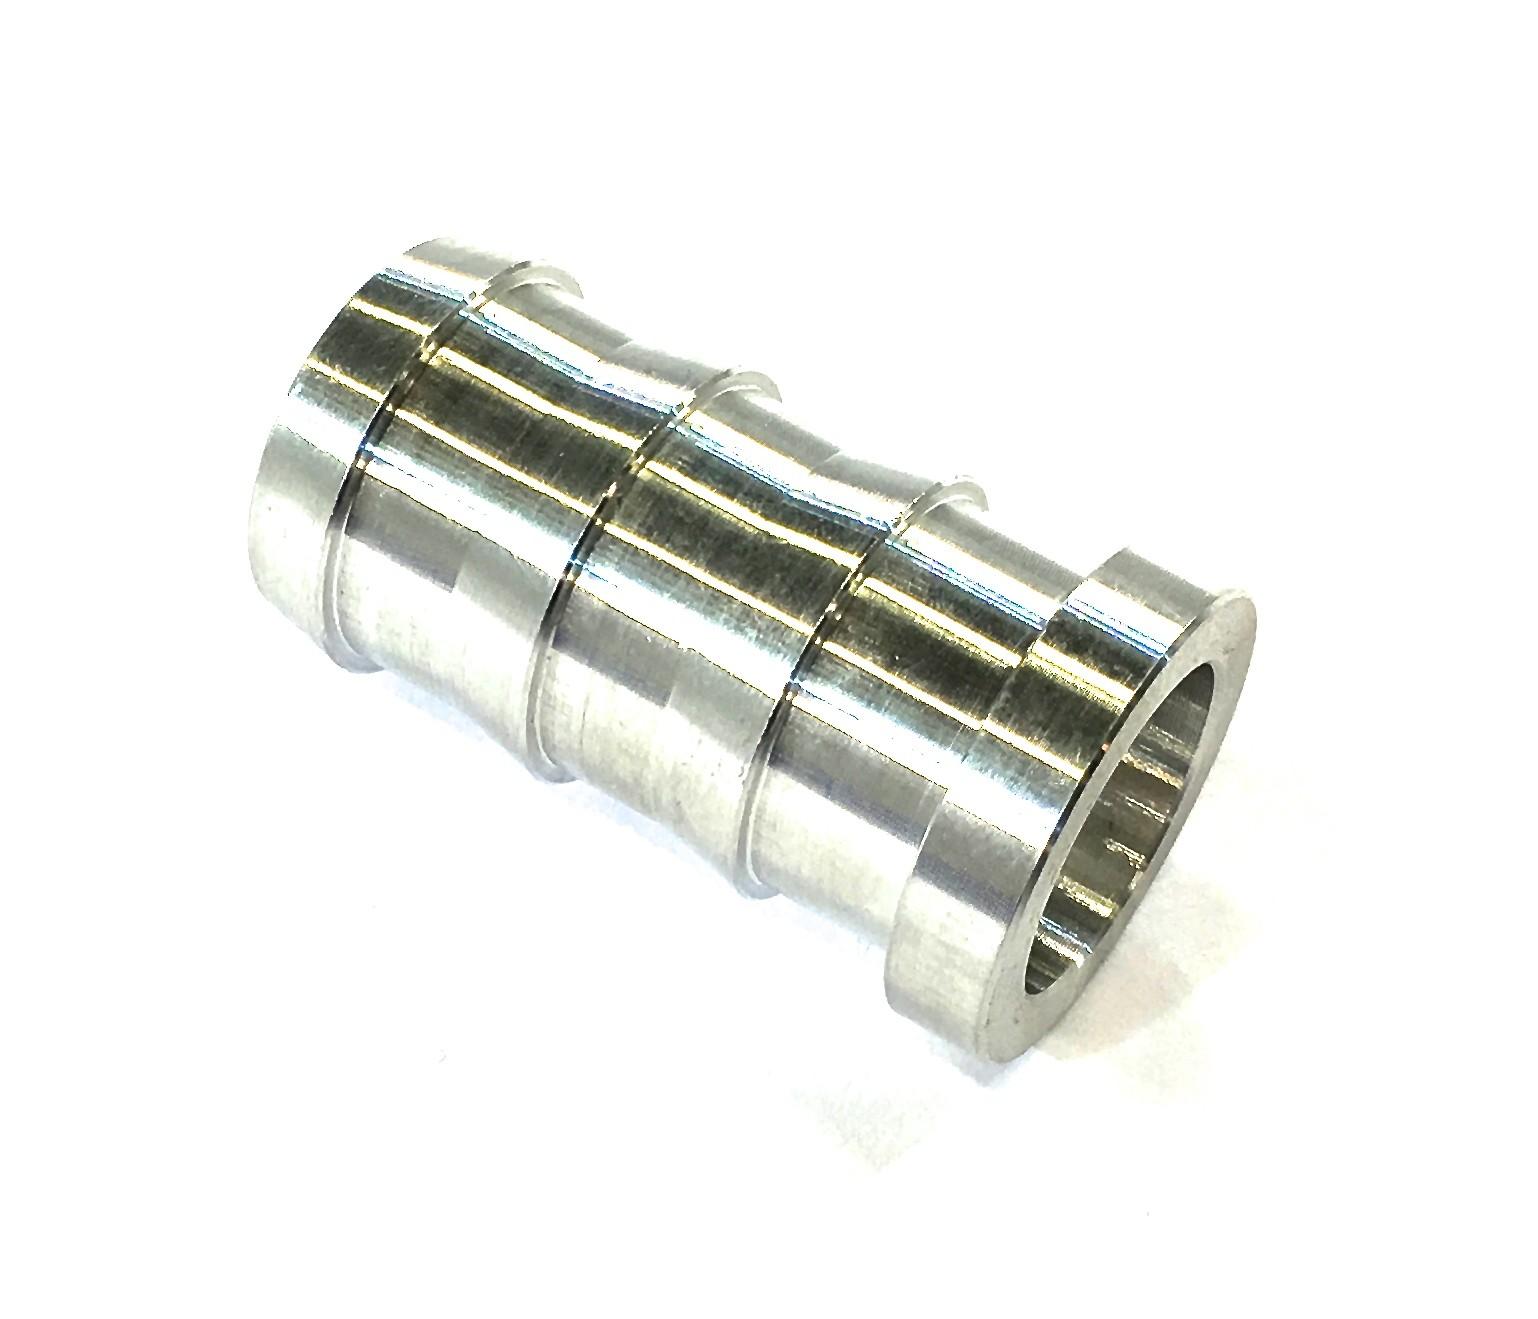 Fantastisk Svetsnippel slang anslutning uttag aluminium 6,3mm FW-35